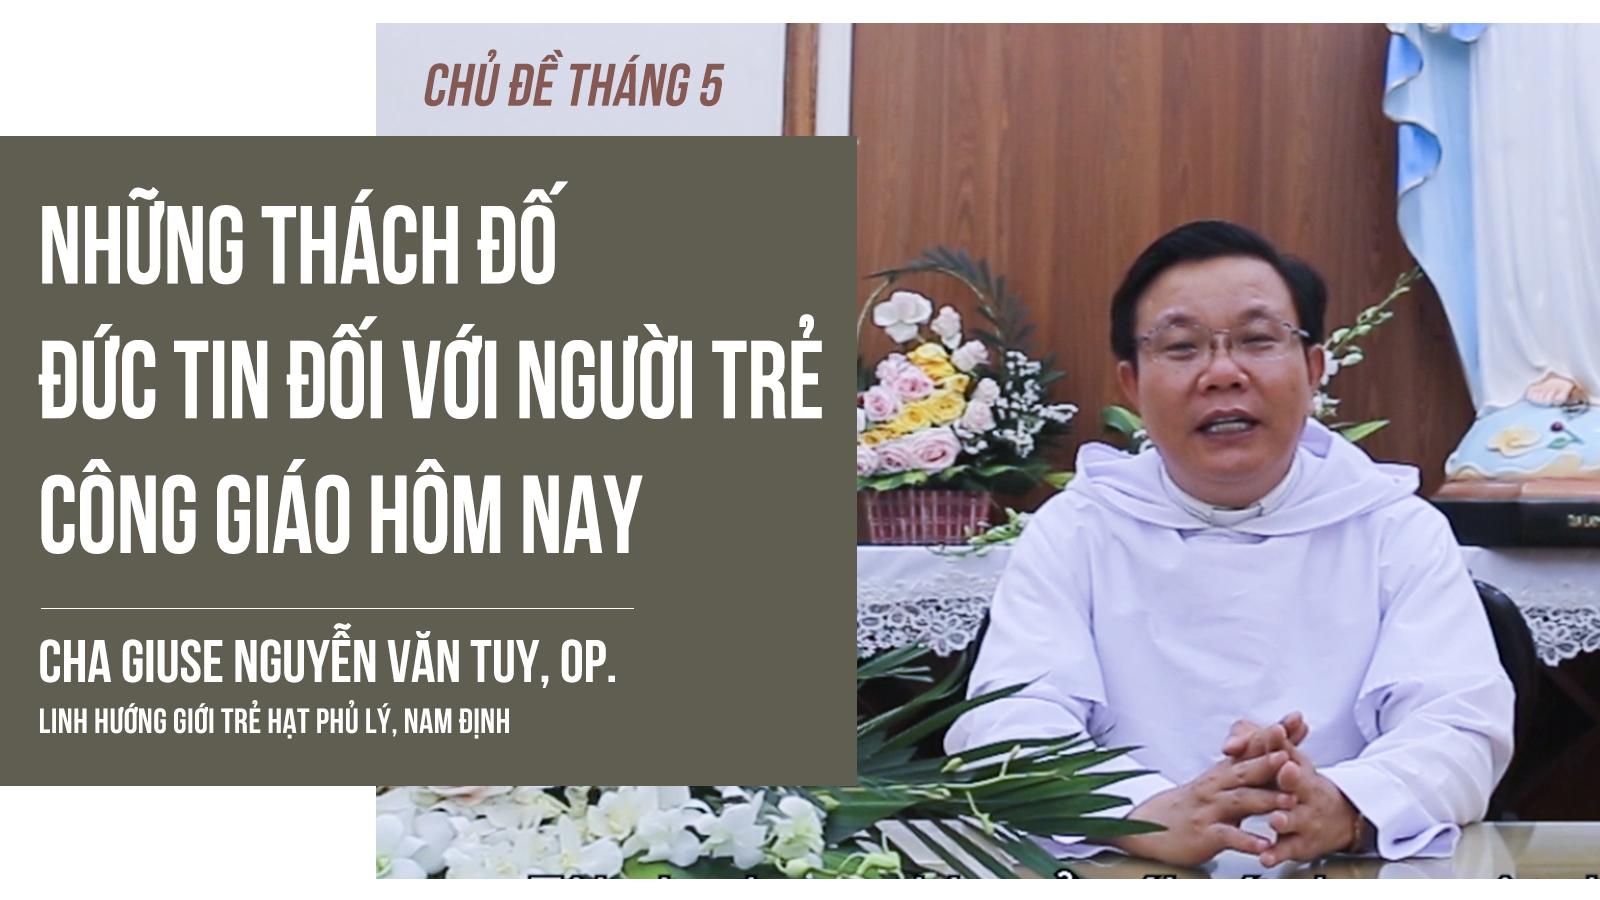 Những thách đố đức tin đối với người trẻ Công giáo hôm nay, Cha Giuse Nguyễn Văn Tuy, OP